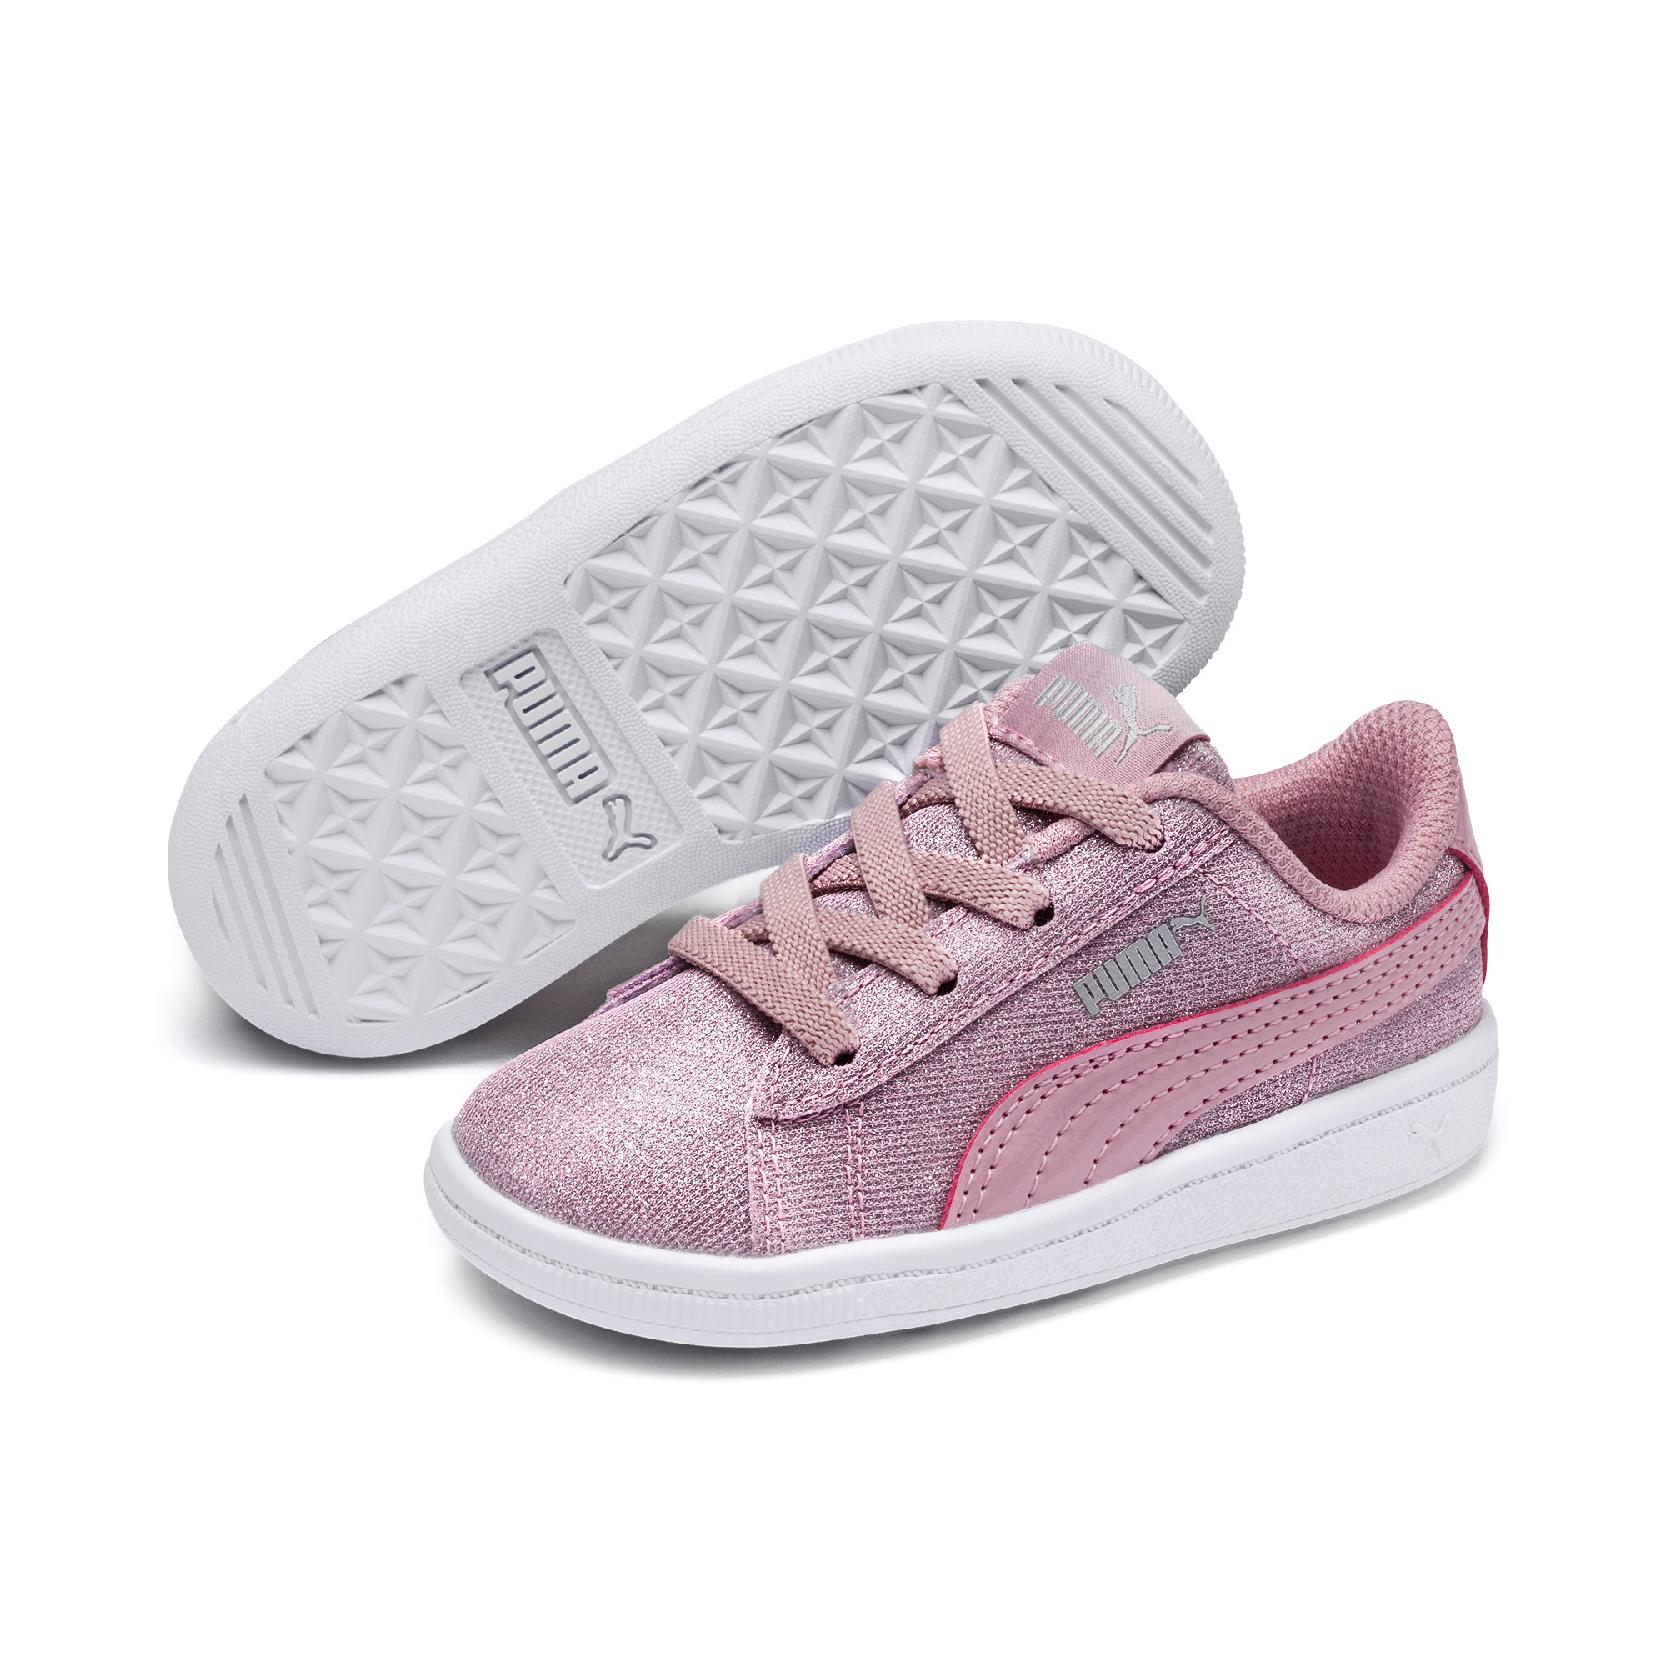 Puma Vikky Glitz AC Inf sneakers